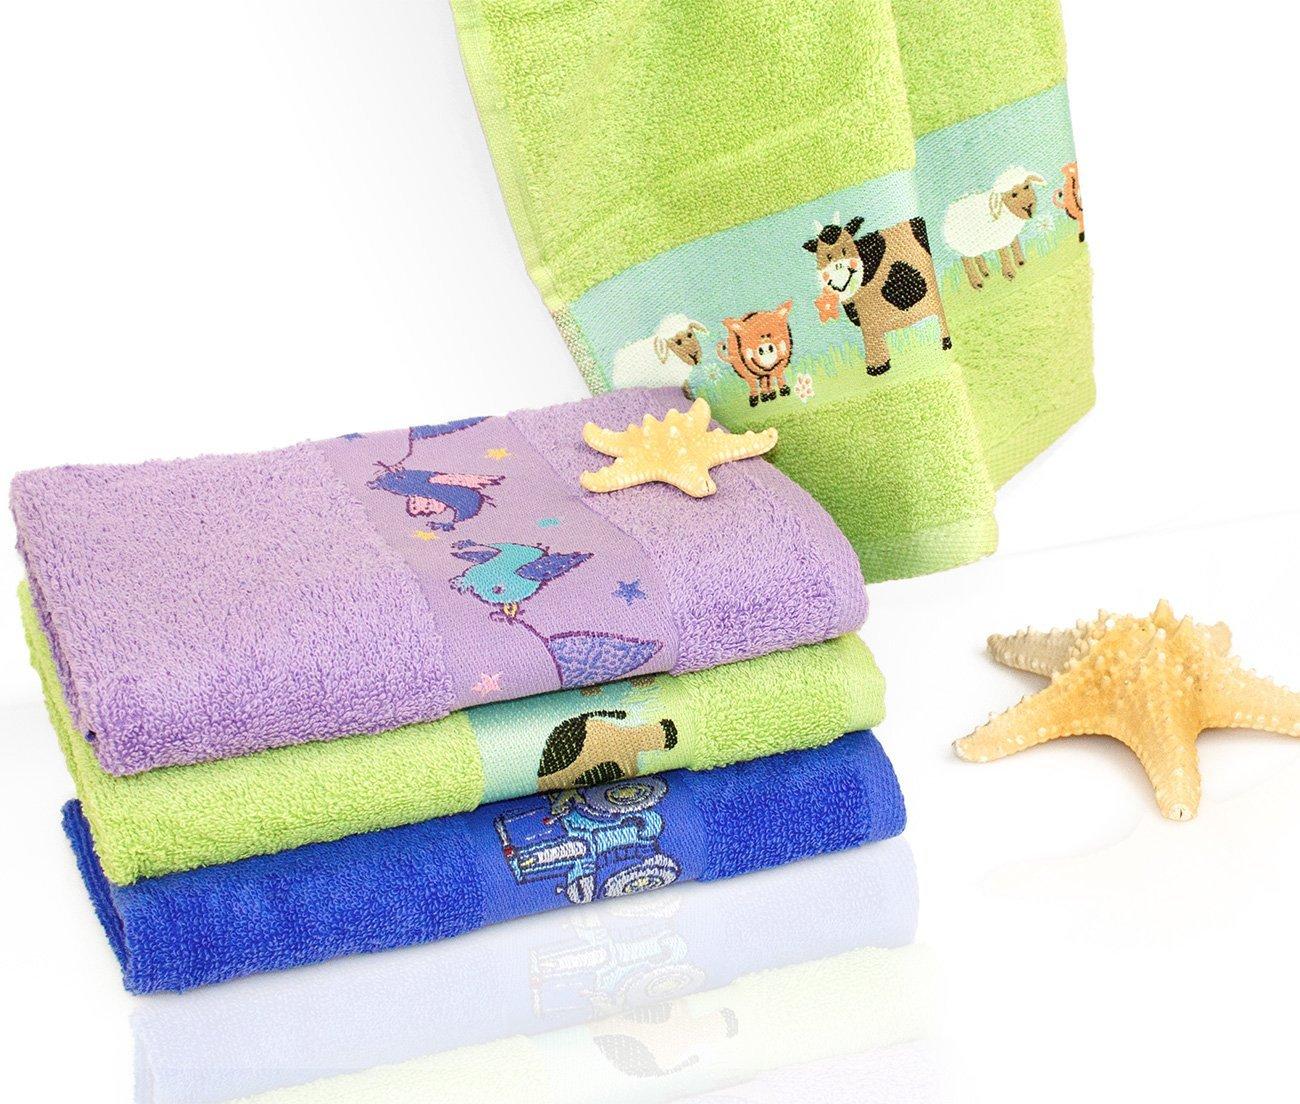 Комплект махровых полотенец Kids towel 2шт Maison dor